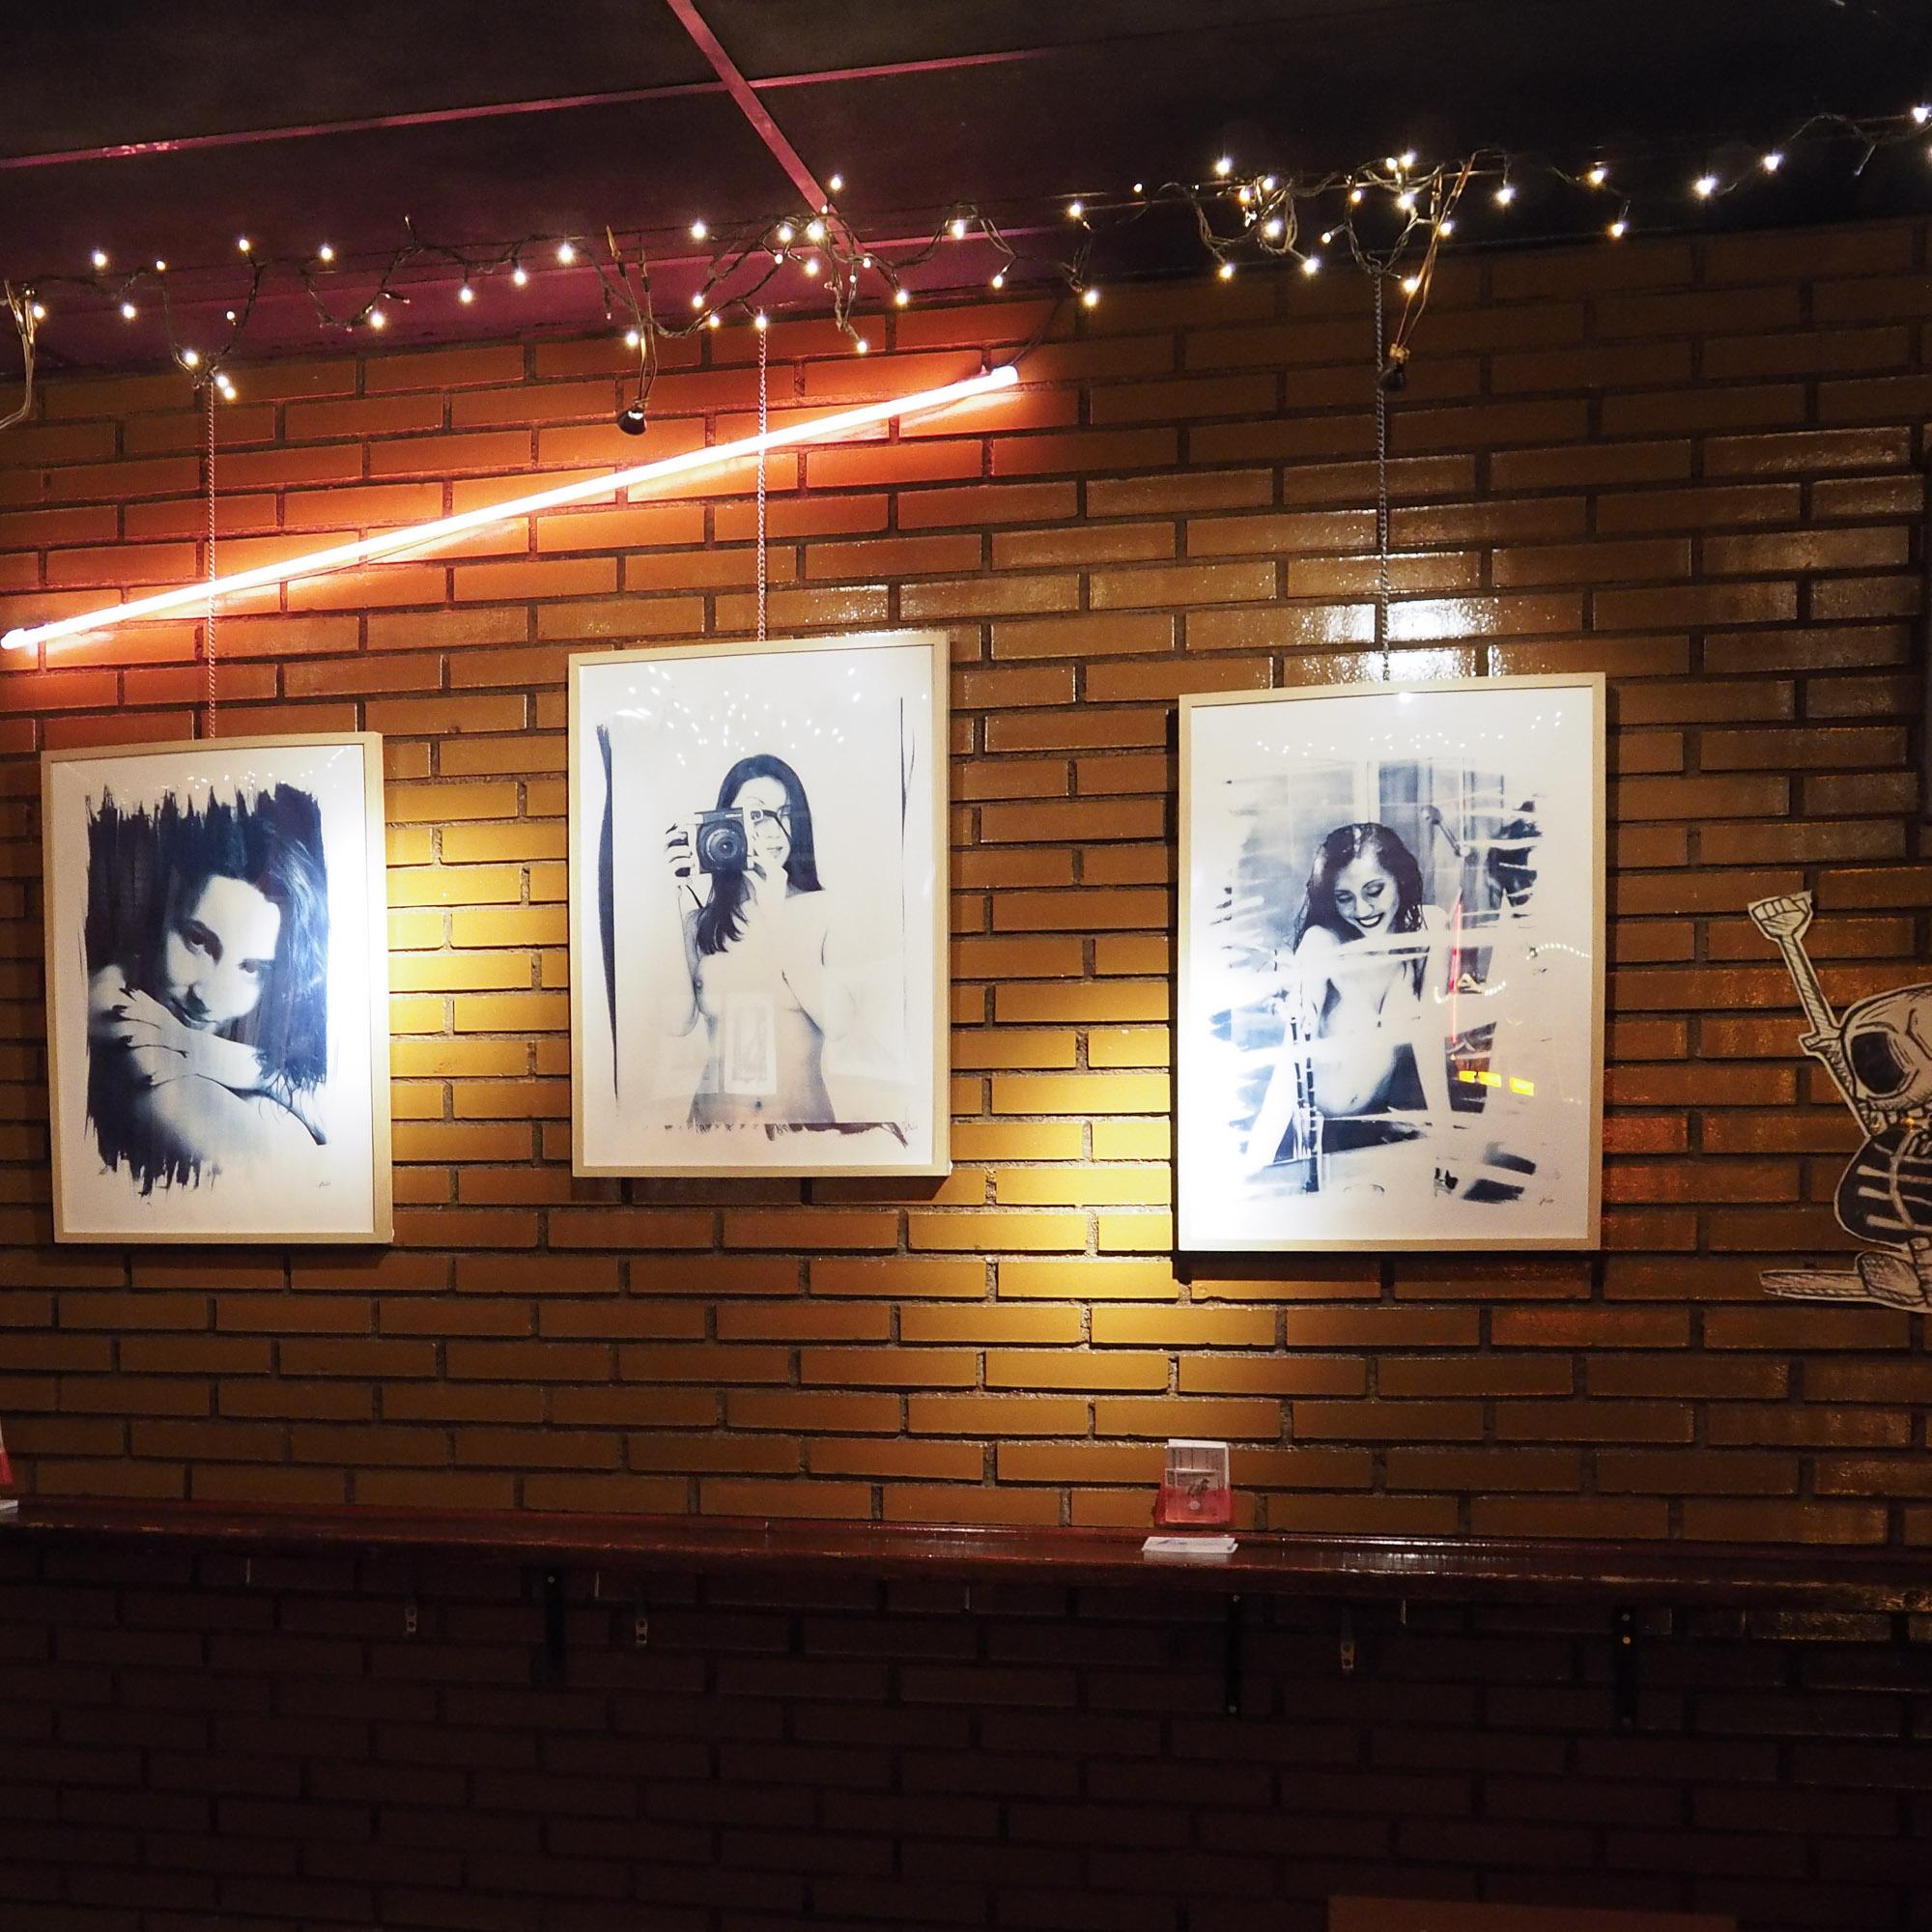 Exposiciones / Exhibitions